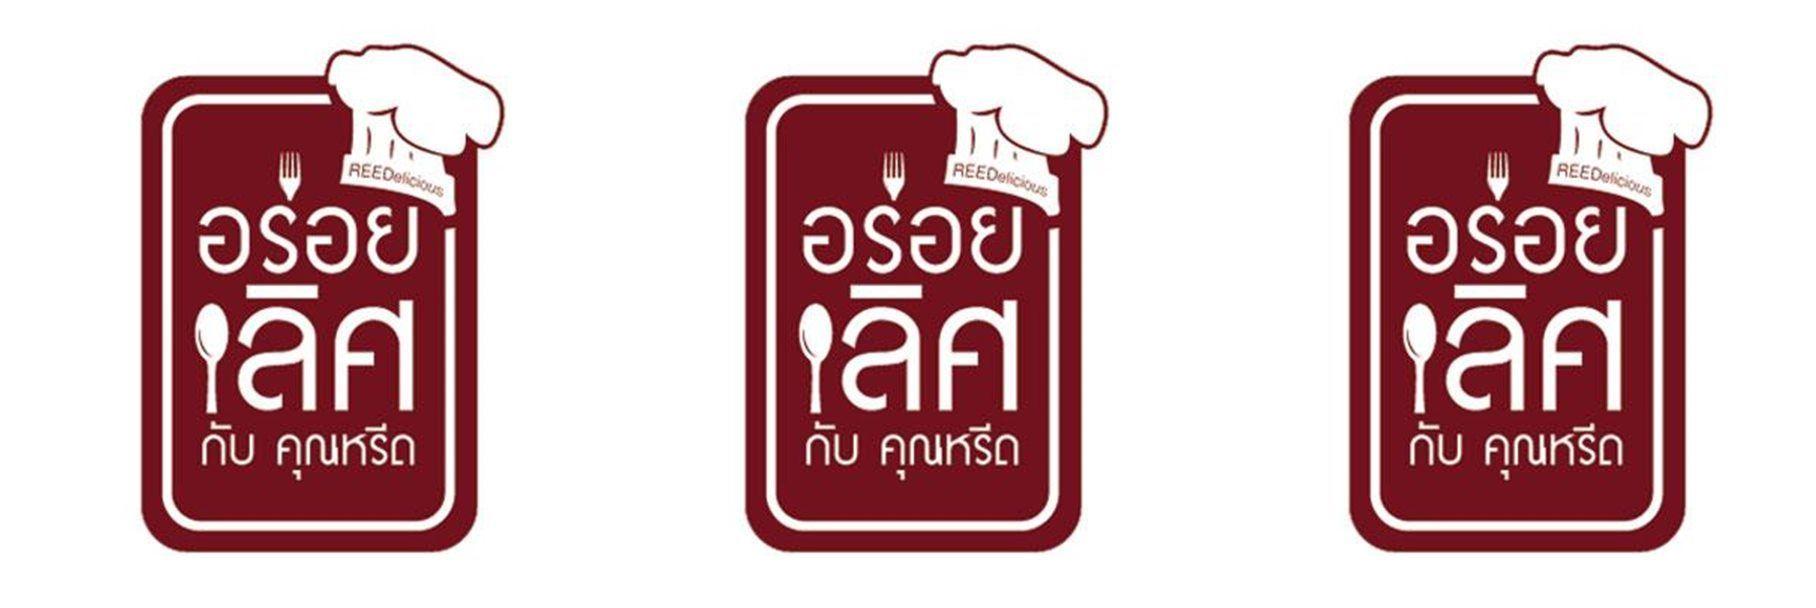 ดูละครย้อนหลัง ขันโตก อาหารเหนือน่าลอง @แสนแซ่บ สยามพารากอน | อร่อยเลิศกับคุณหรีด l 14 มี.ค. 62